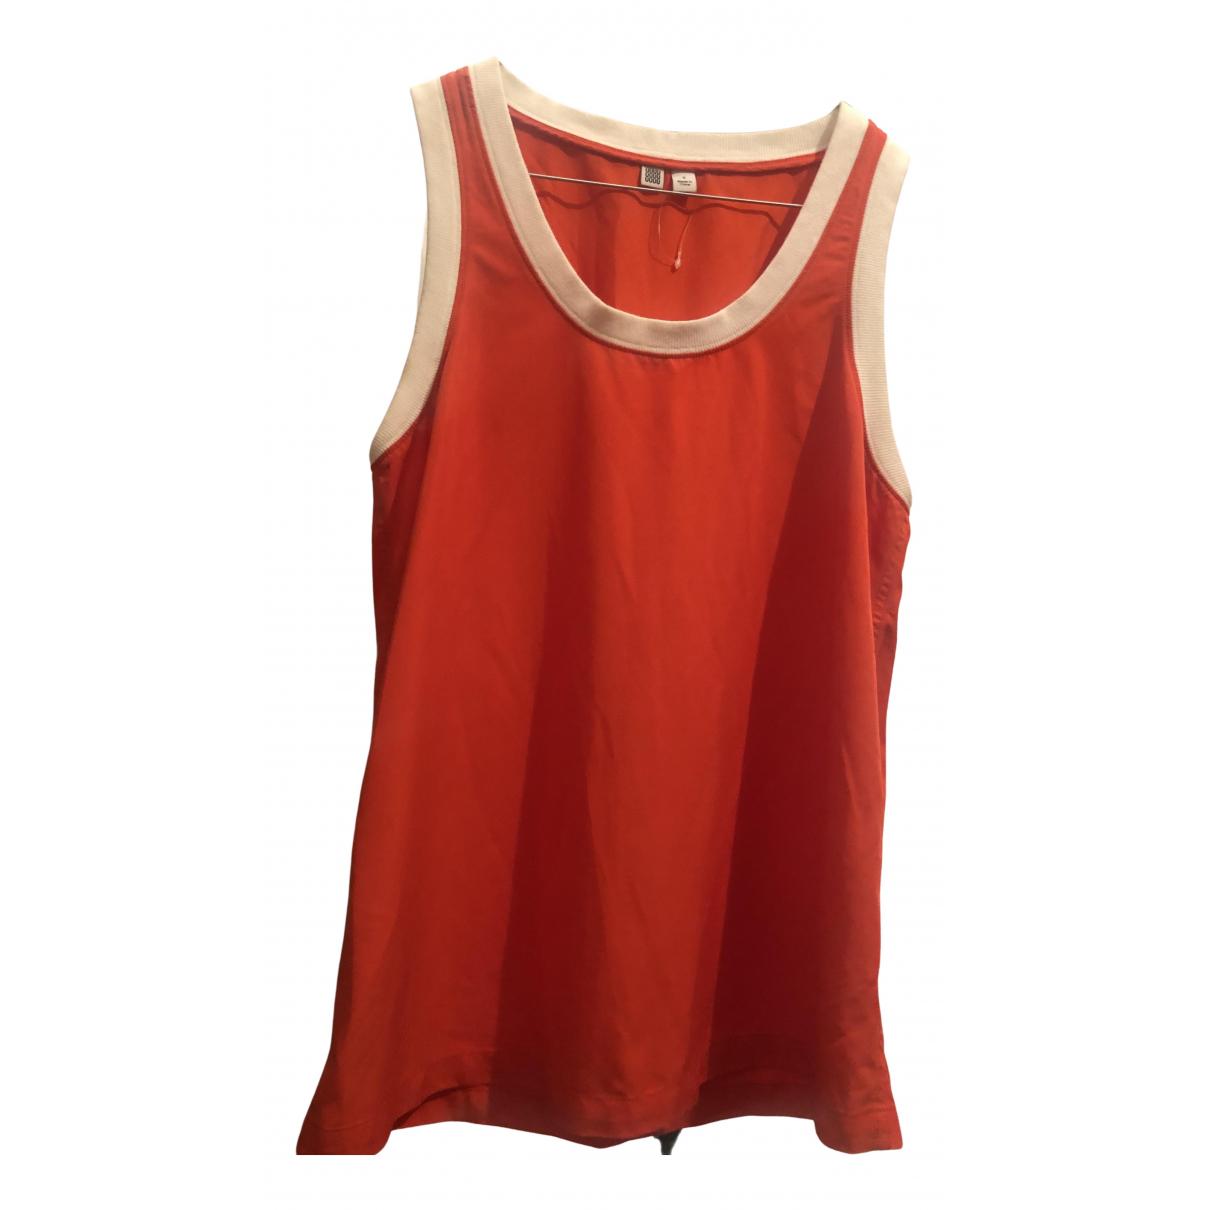 Uniqlo - Top   pour femme - rouge